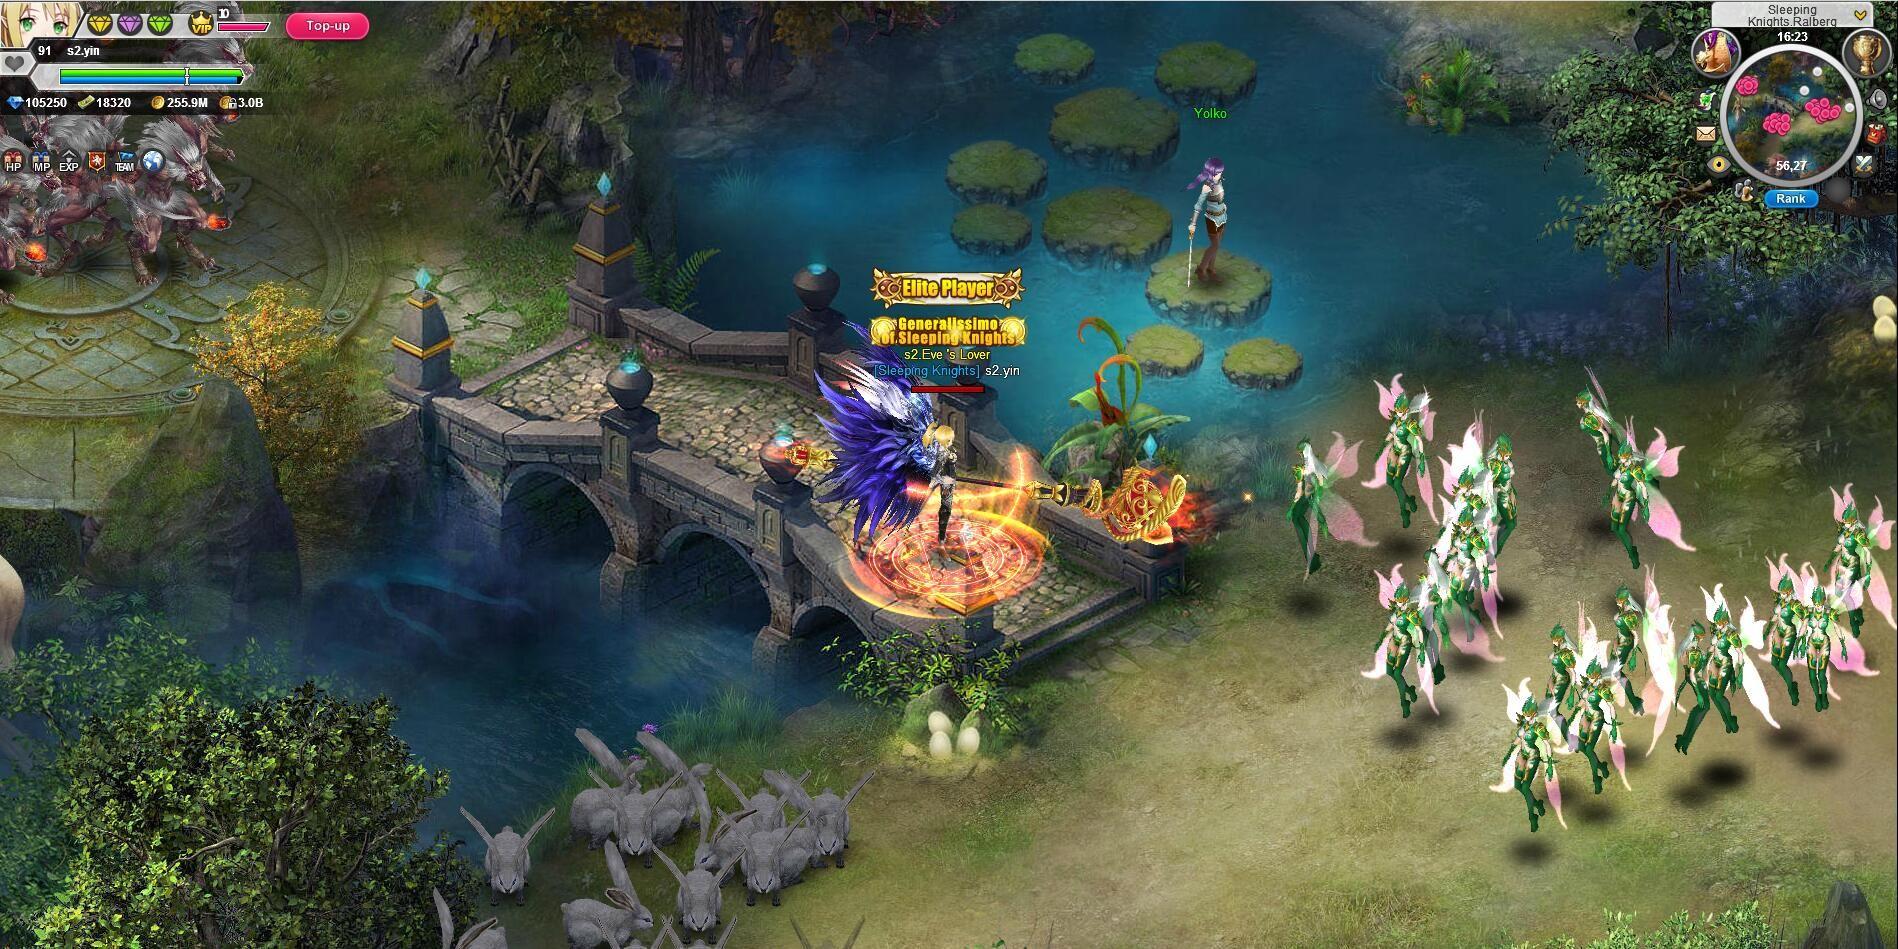 SAO Legend Fun online games, Sword art online, Legend games